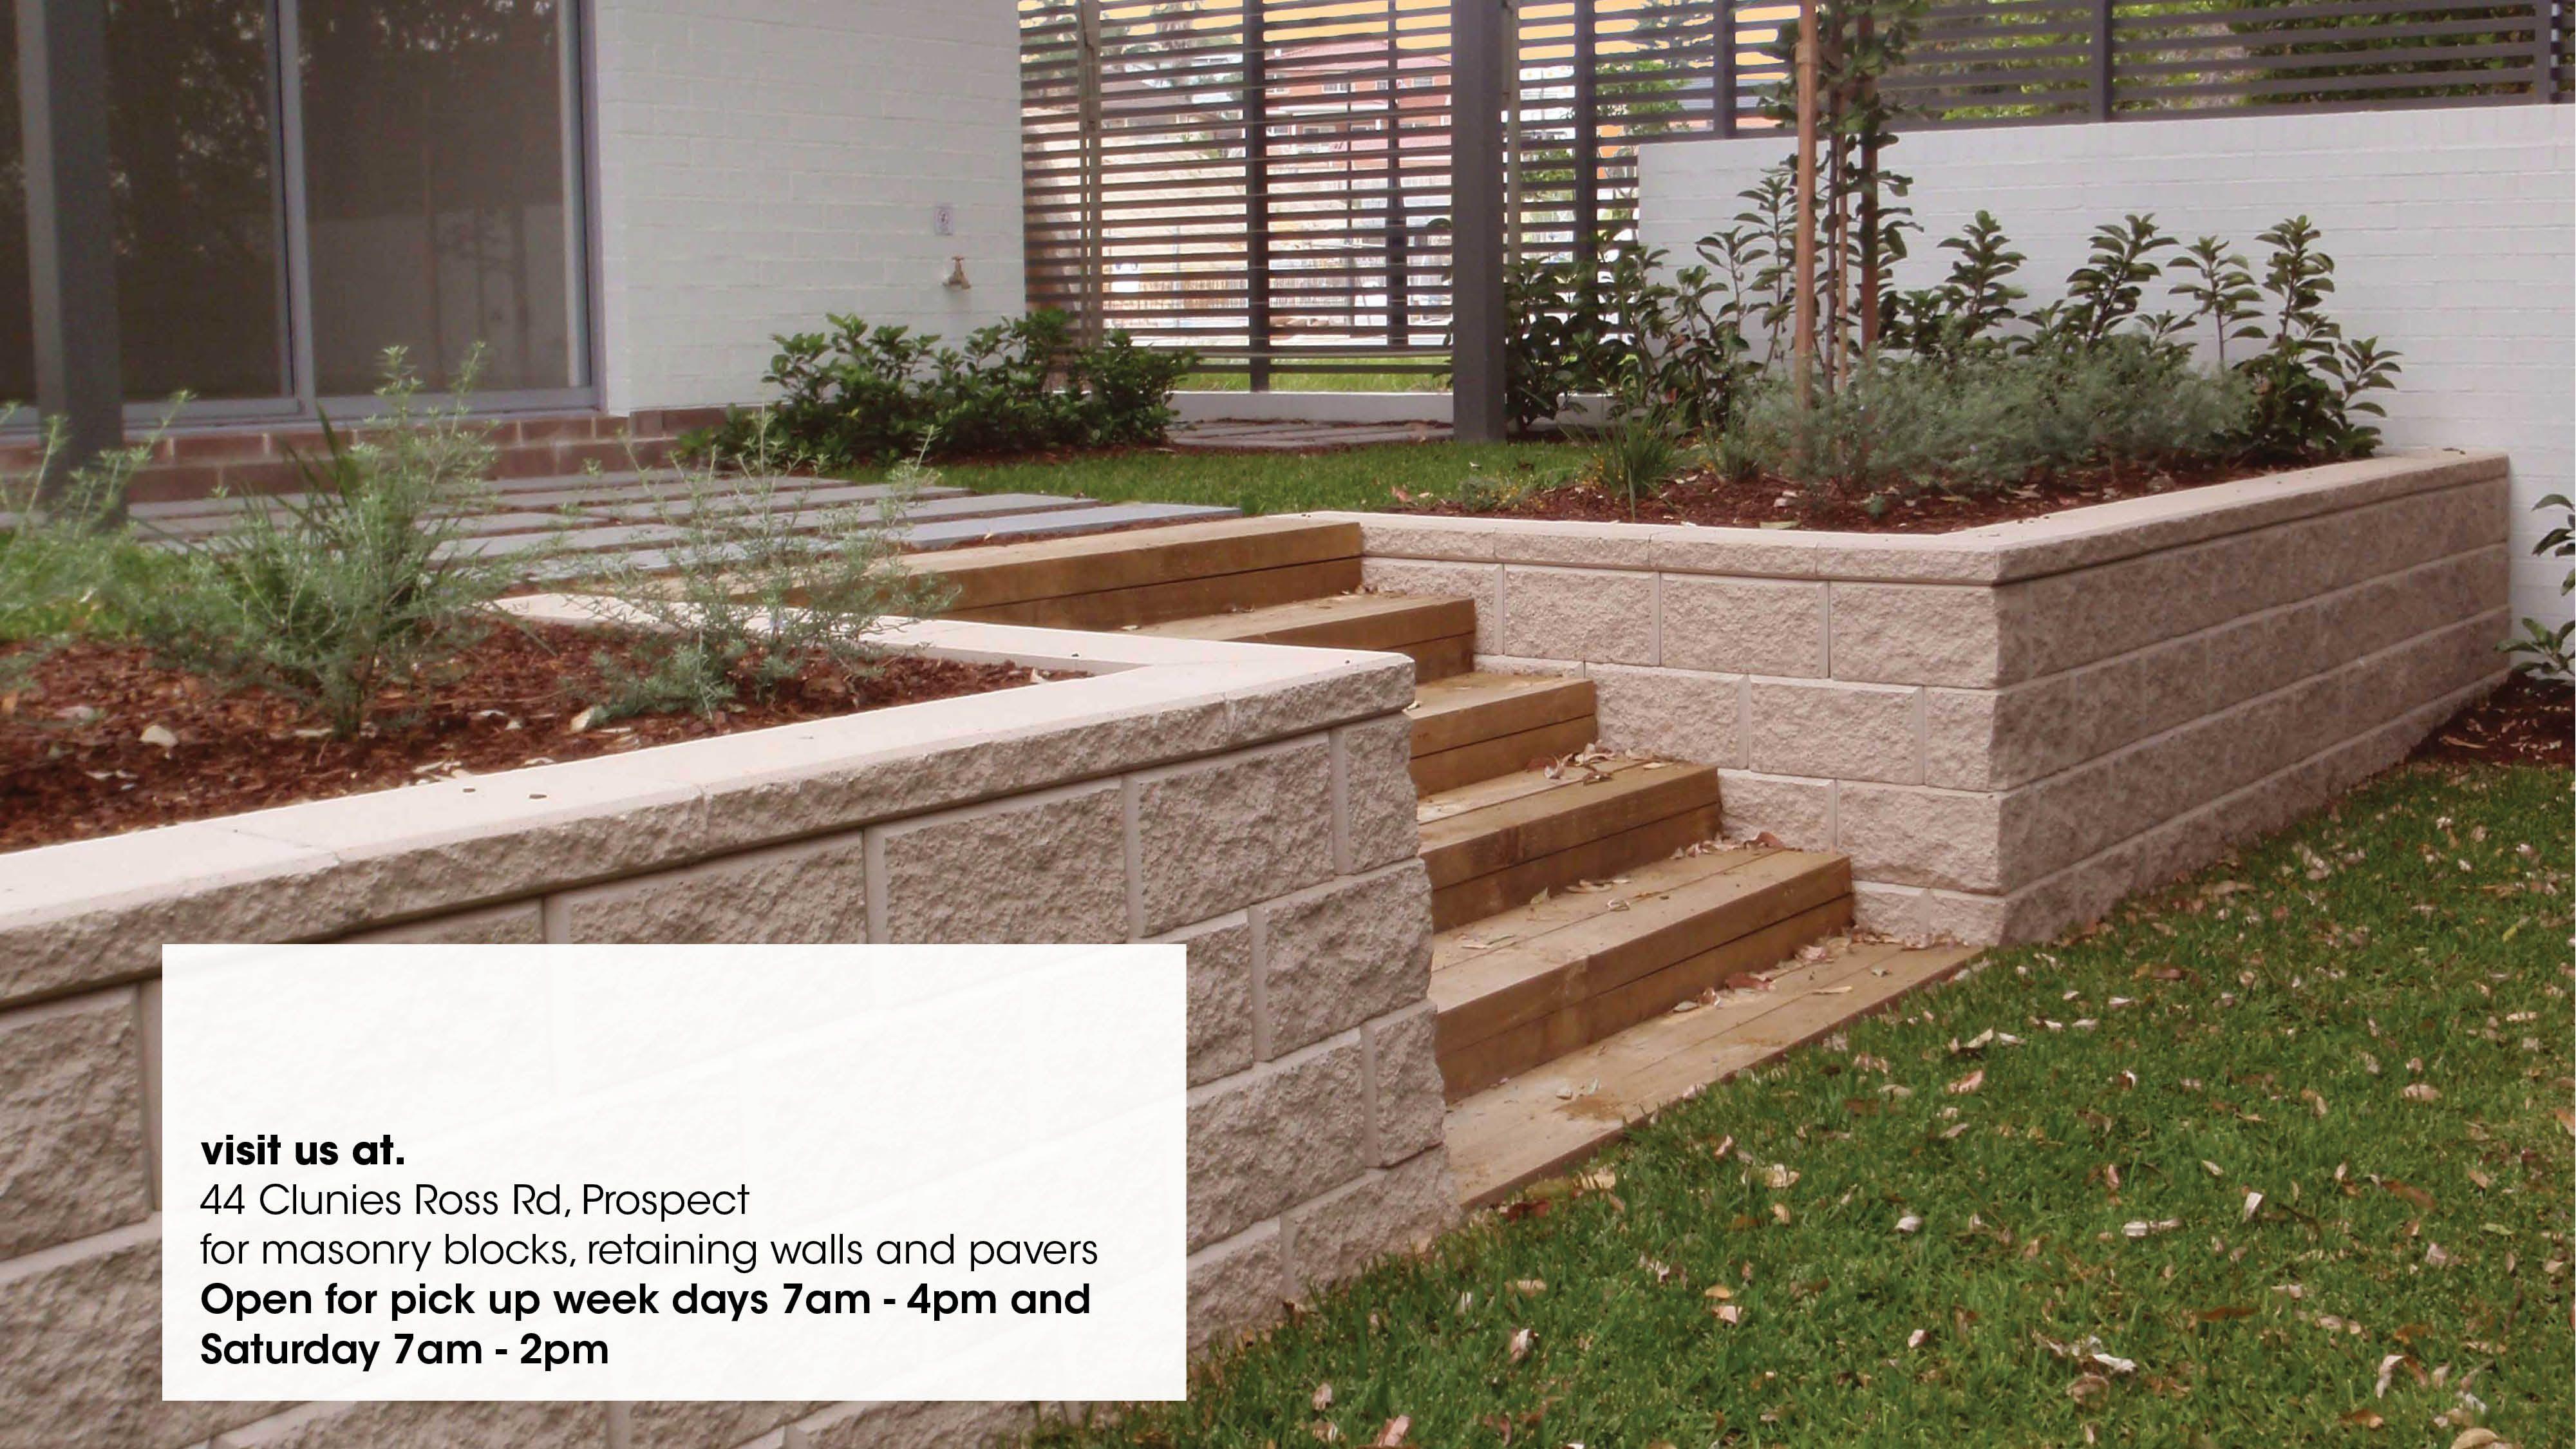 Pavers Concrete Blocks Retaining Wall Blocks New South Wales Retaining Wall Concrete Block Retaining Wall Retaining Wall Blocks